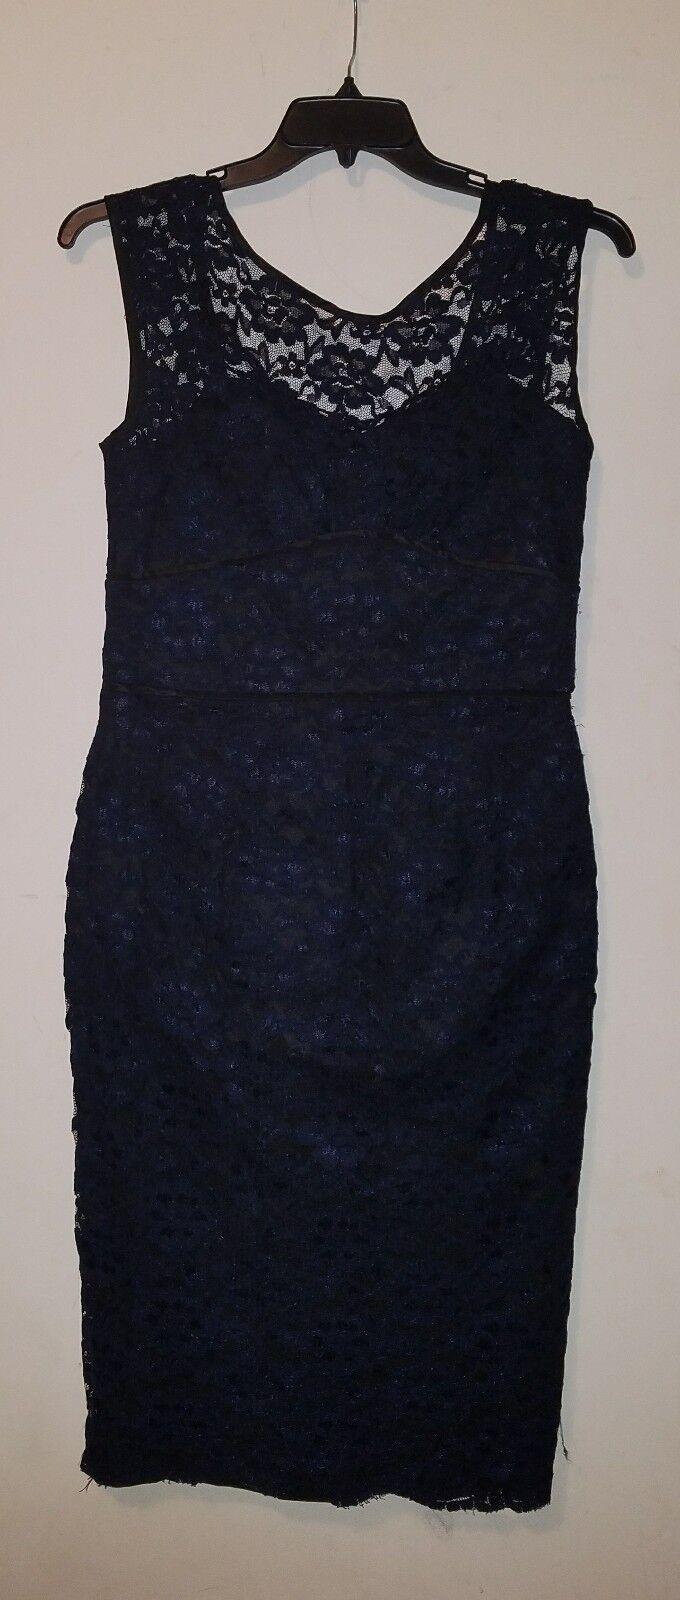 NWOT Maggy London Scoop Back Lace Dress Navy Blau  sz 12